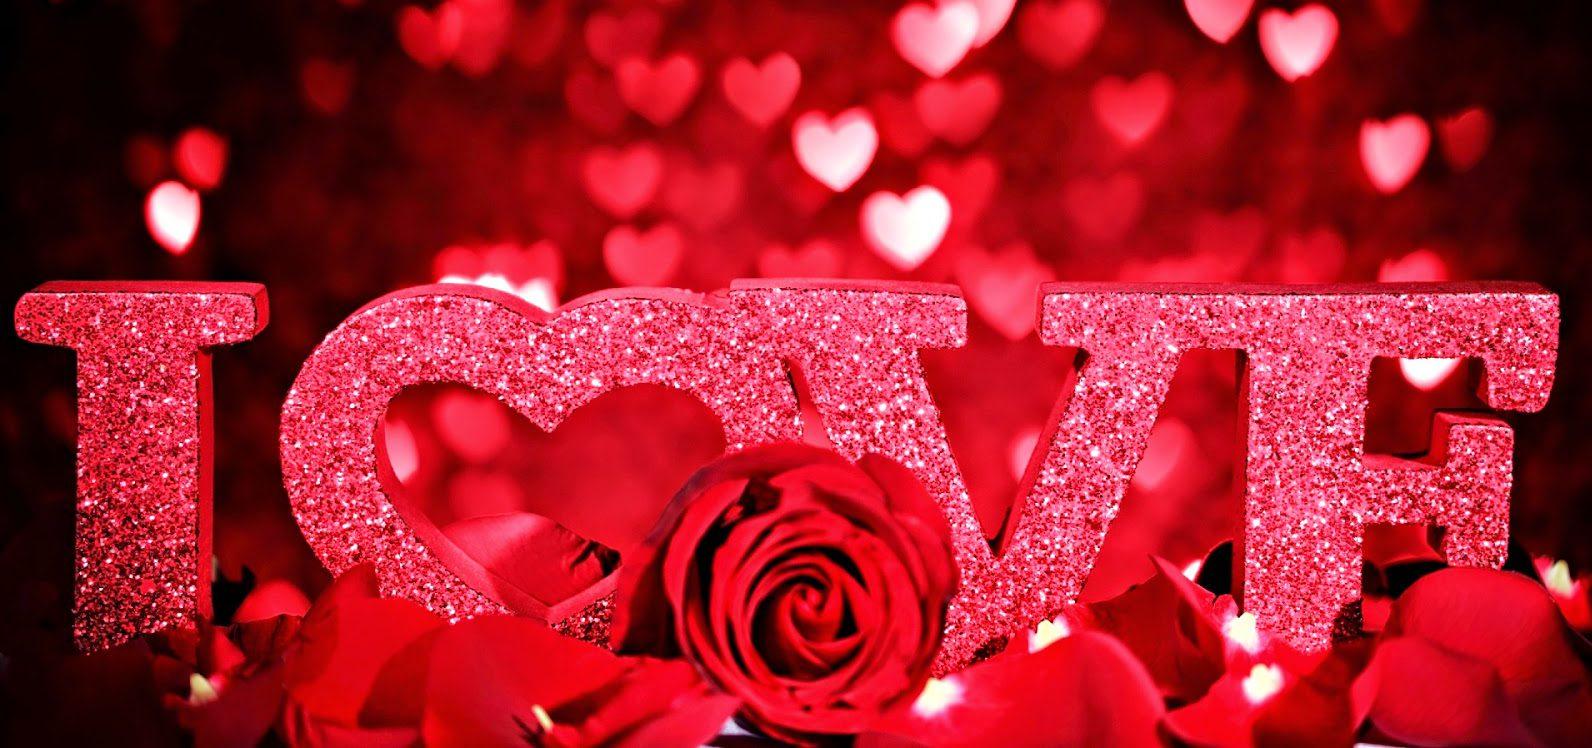 Sevgiliye Hangi Çiçek Gönderilir